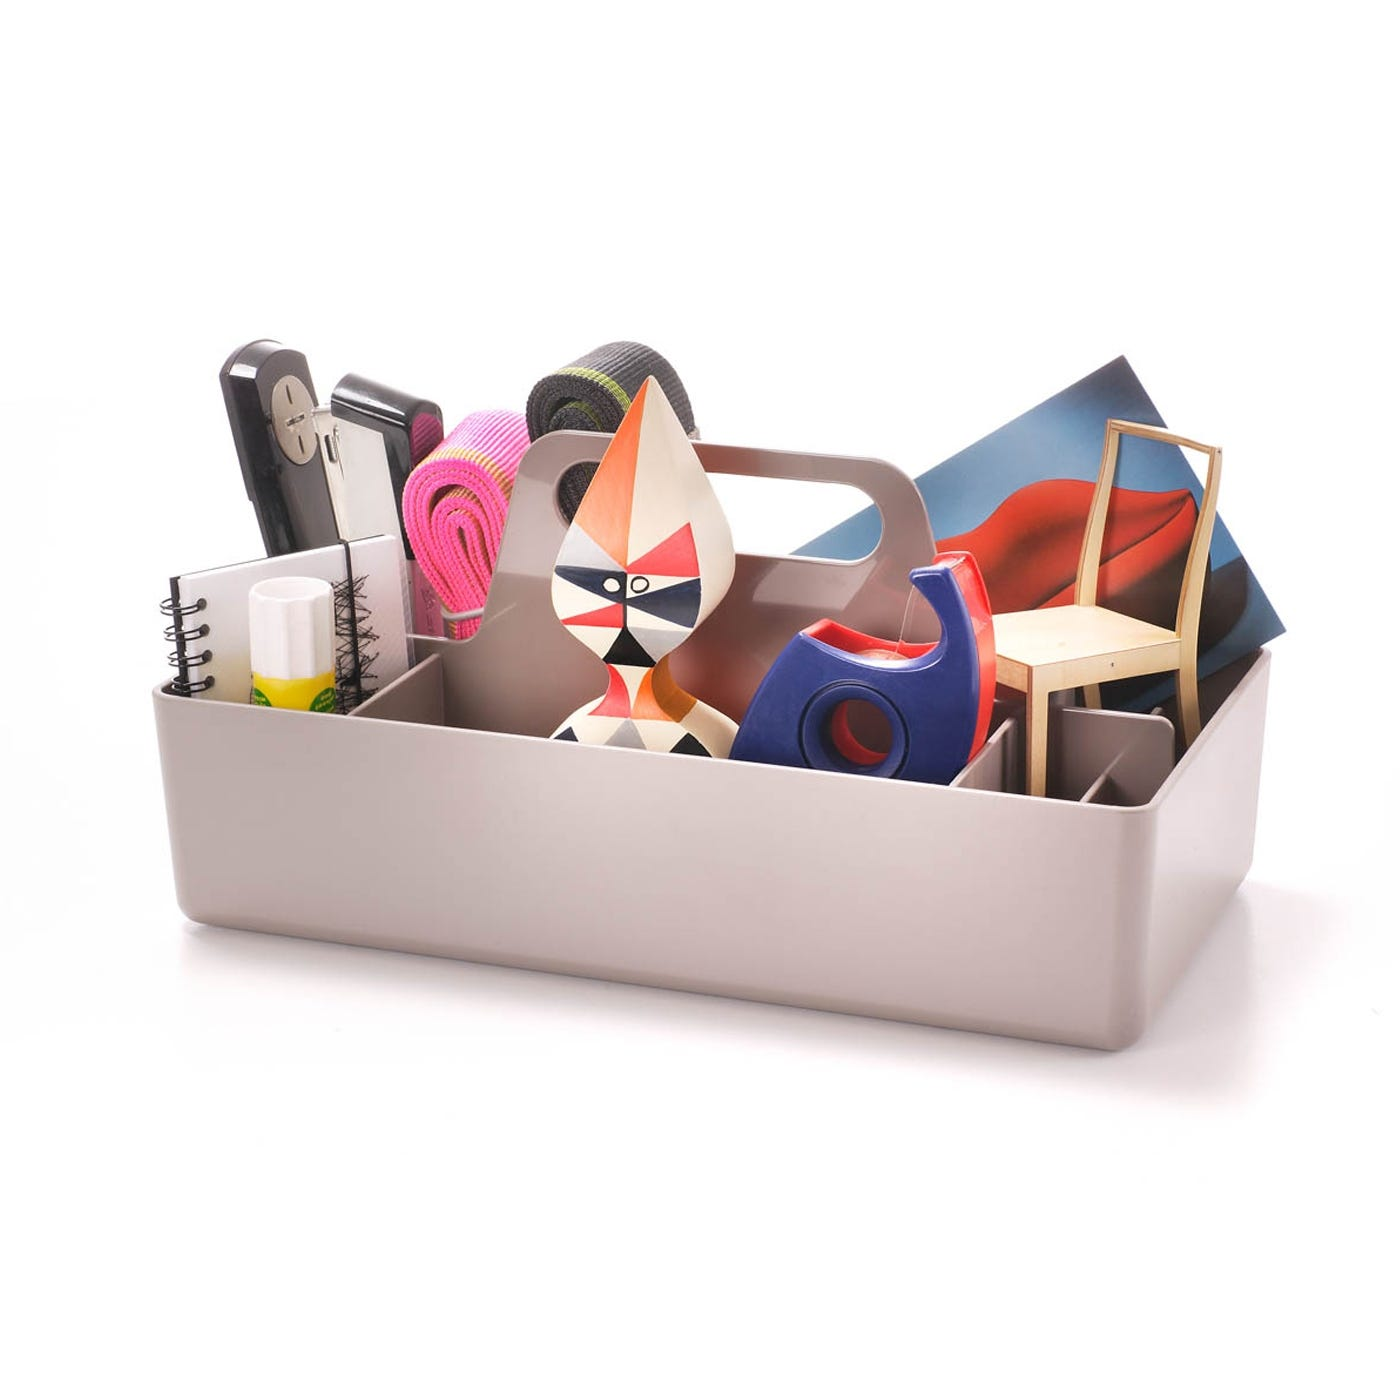 Toolbox by Vitra